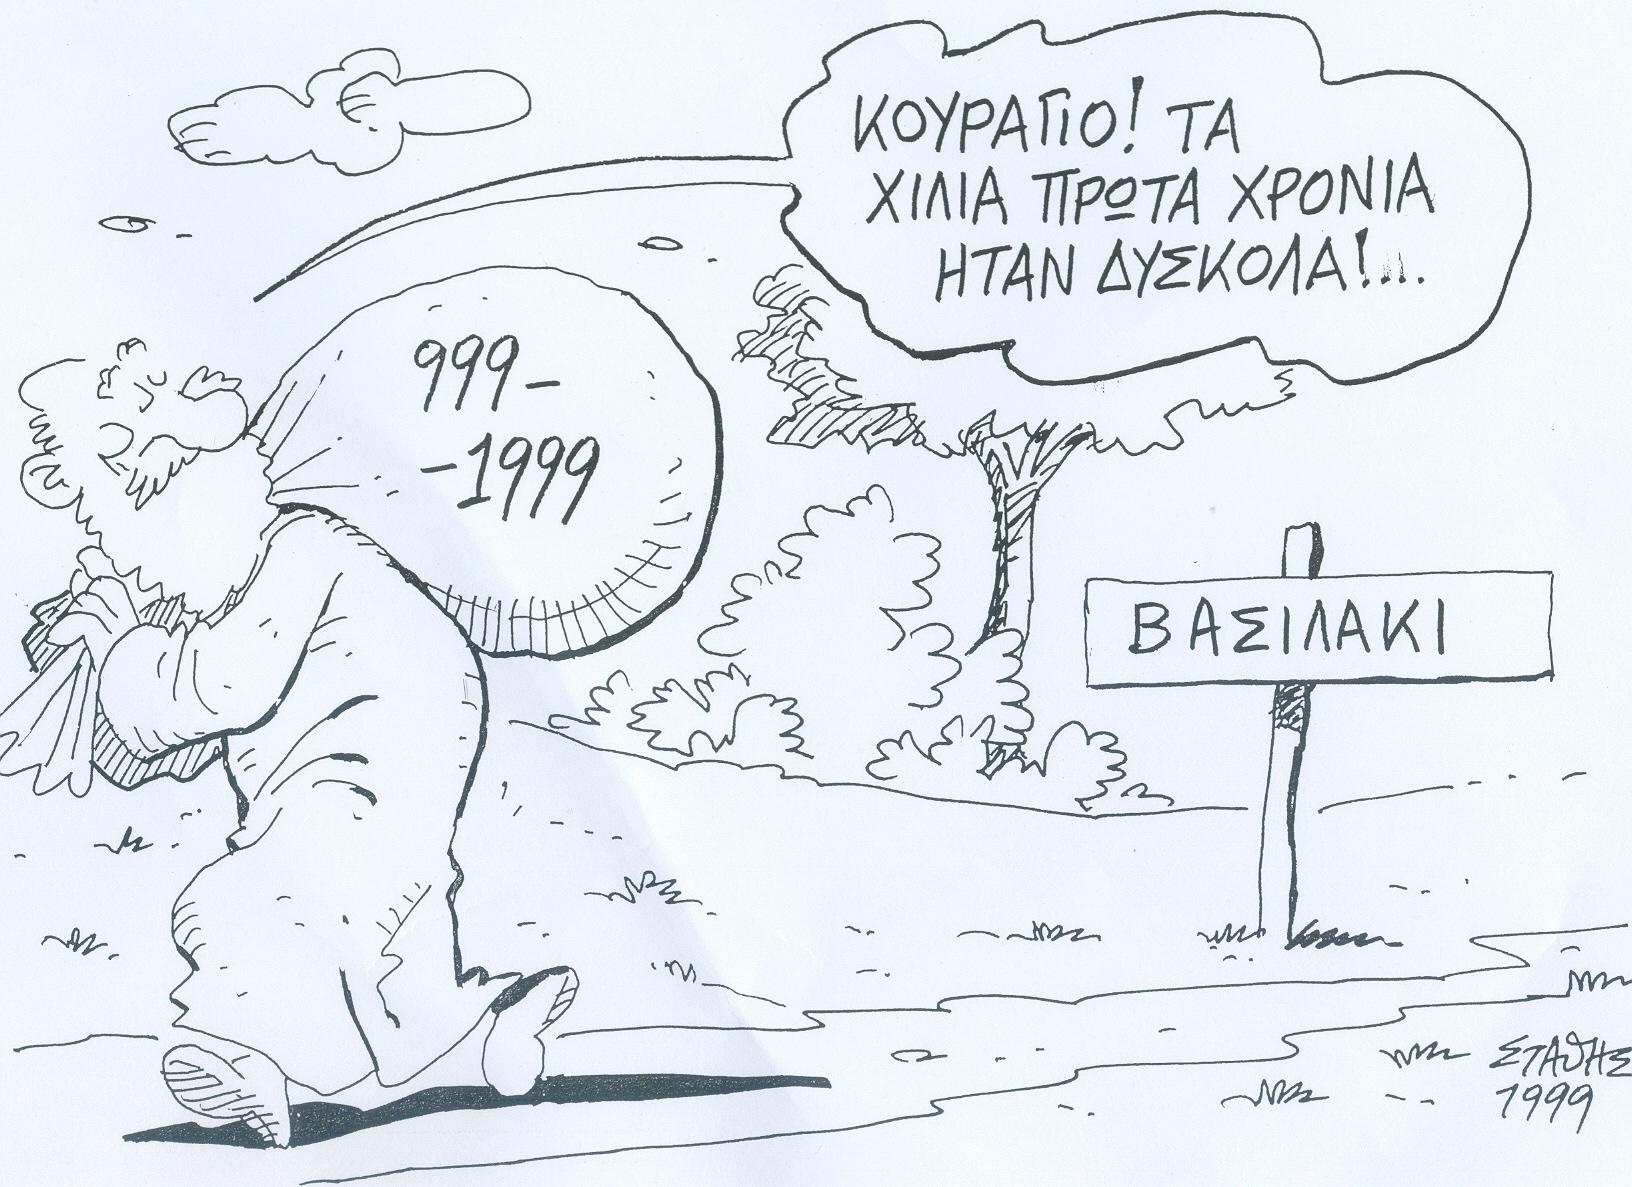 ΣΚΙΤΣΟ ΣΤΑΘΗΣ 1999